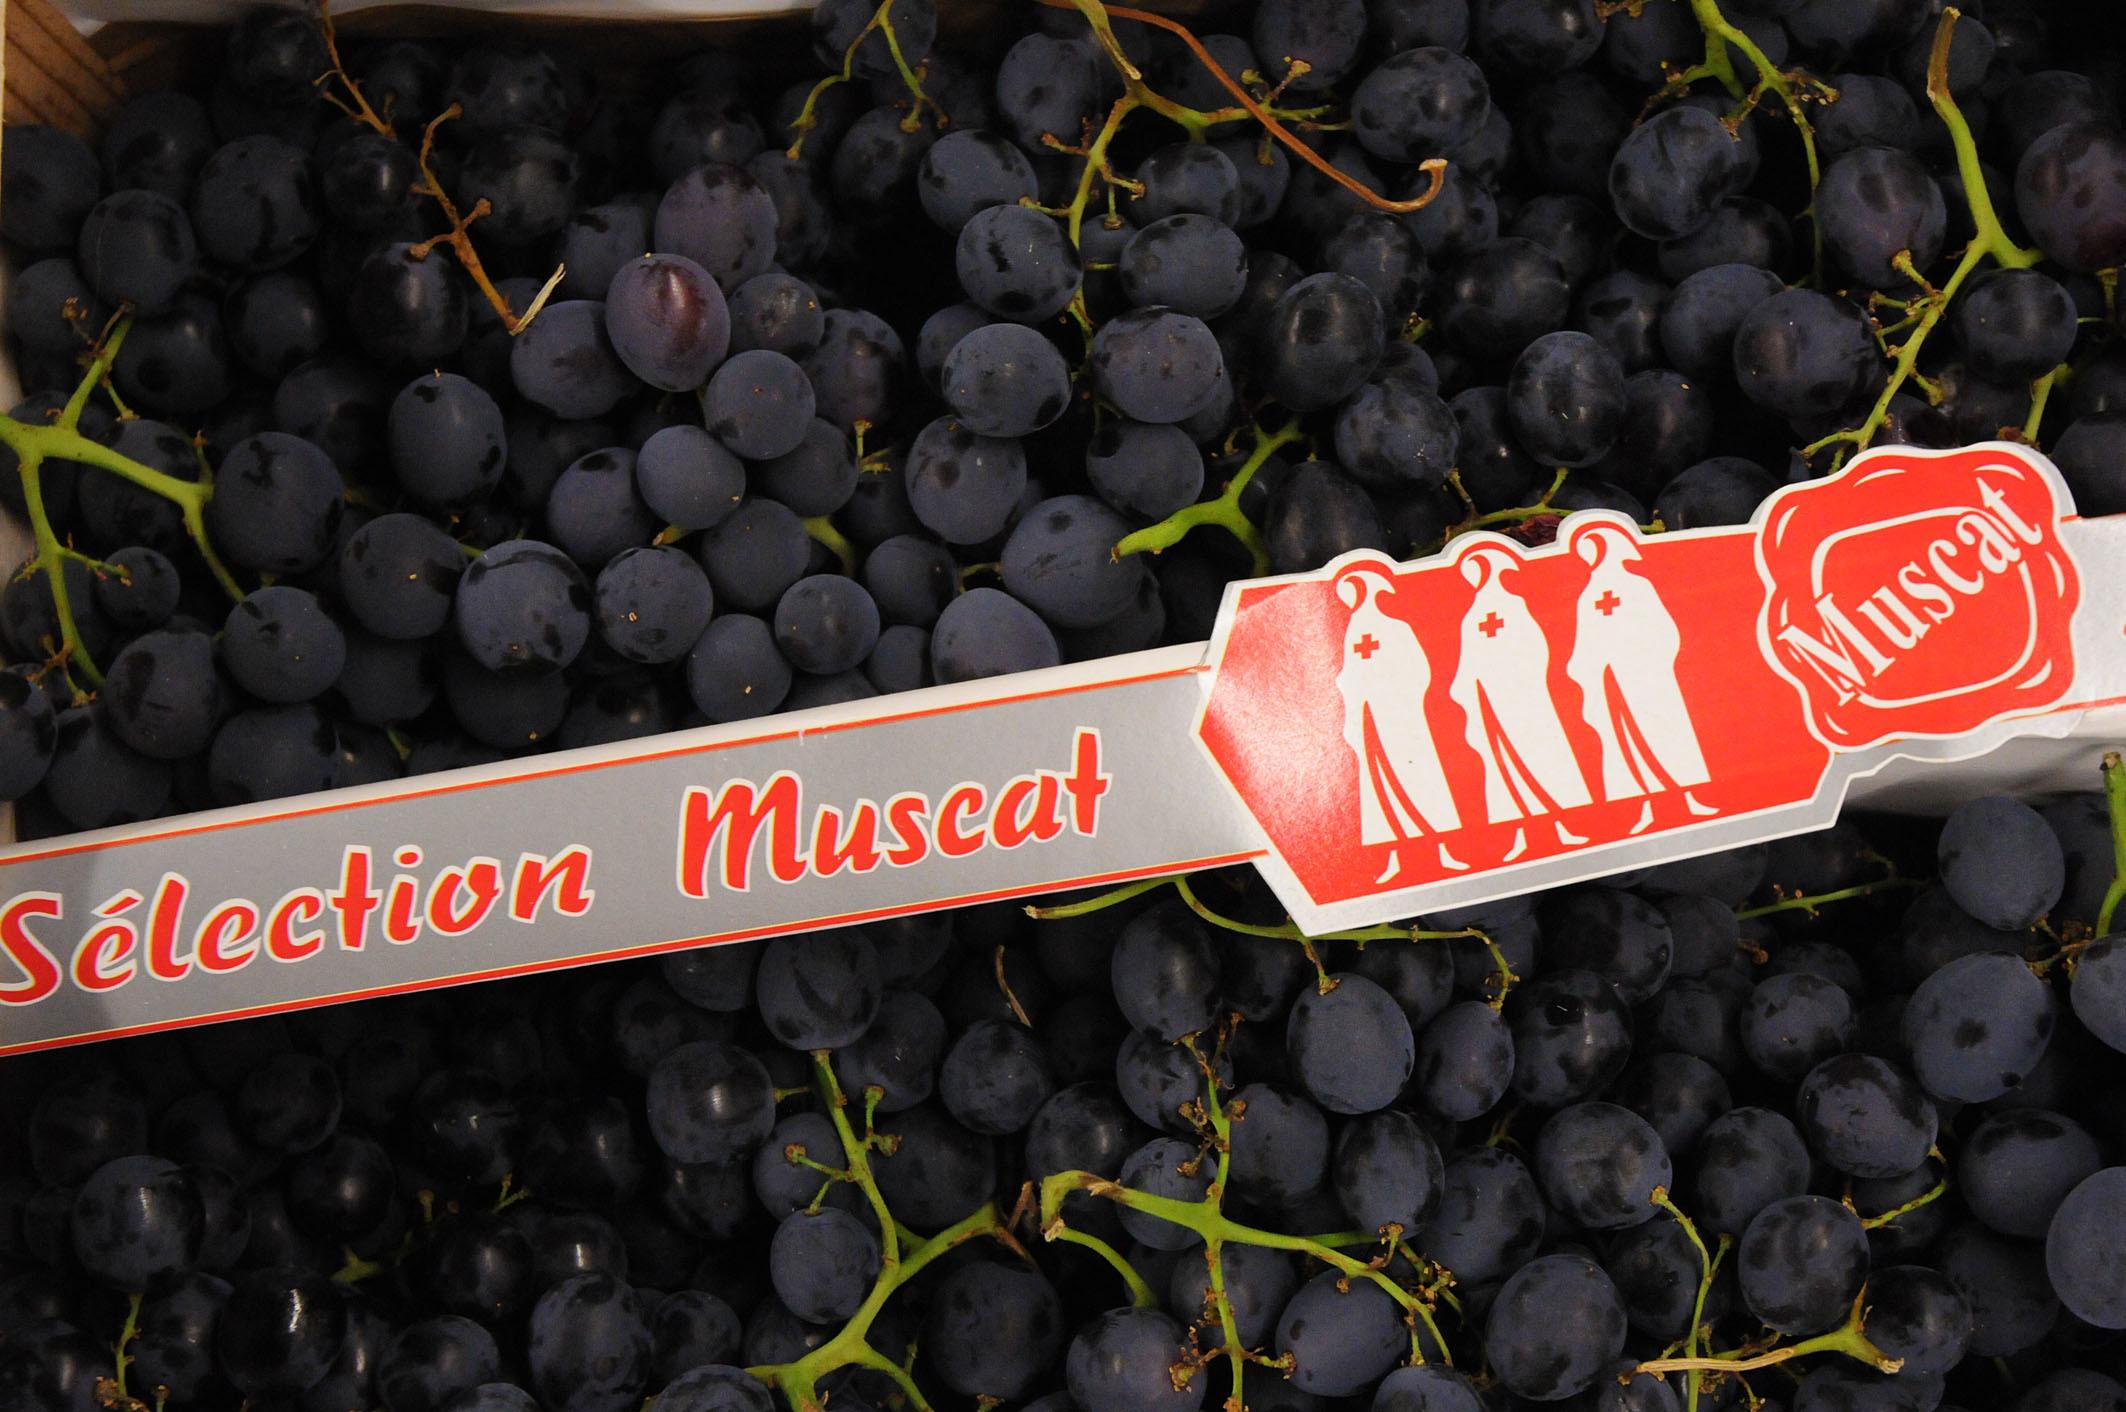 Muscat-grapes.jpg?mtime=20170922143125#asset:11516